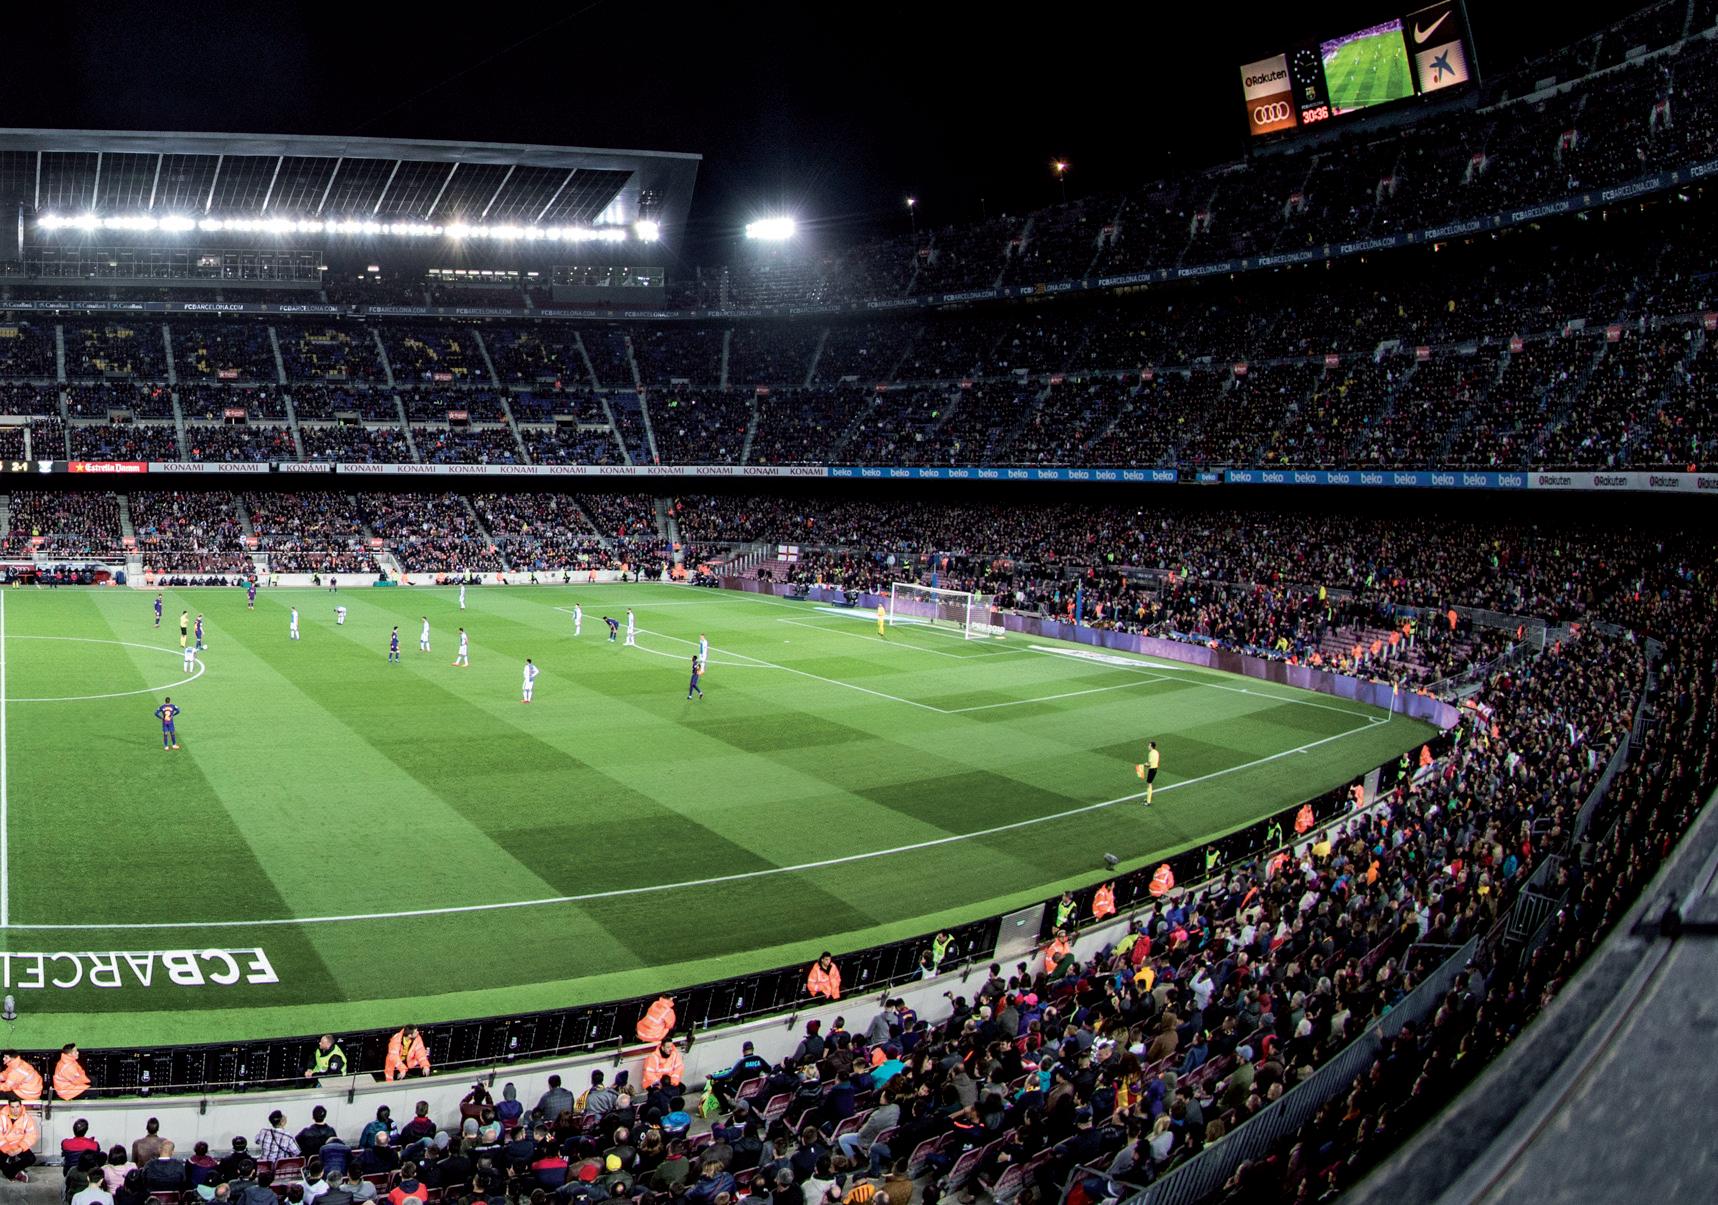 Visão da arquibancada do Camp Nou